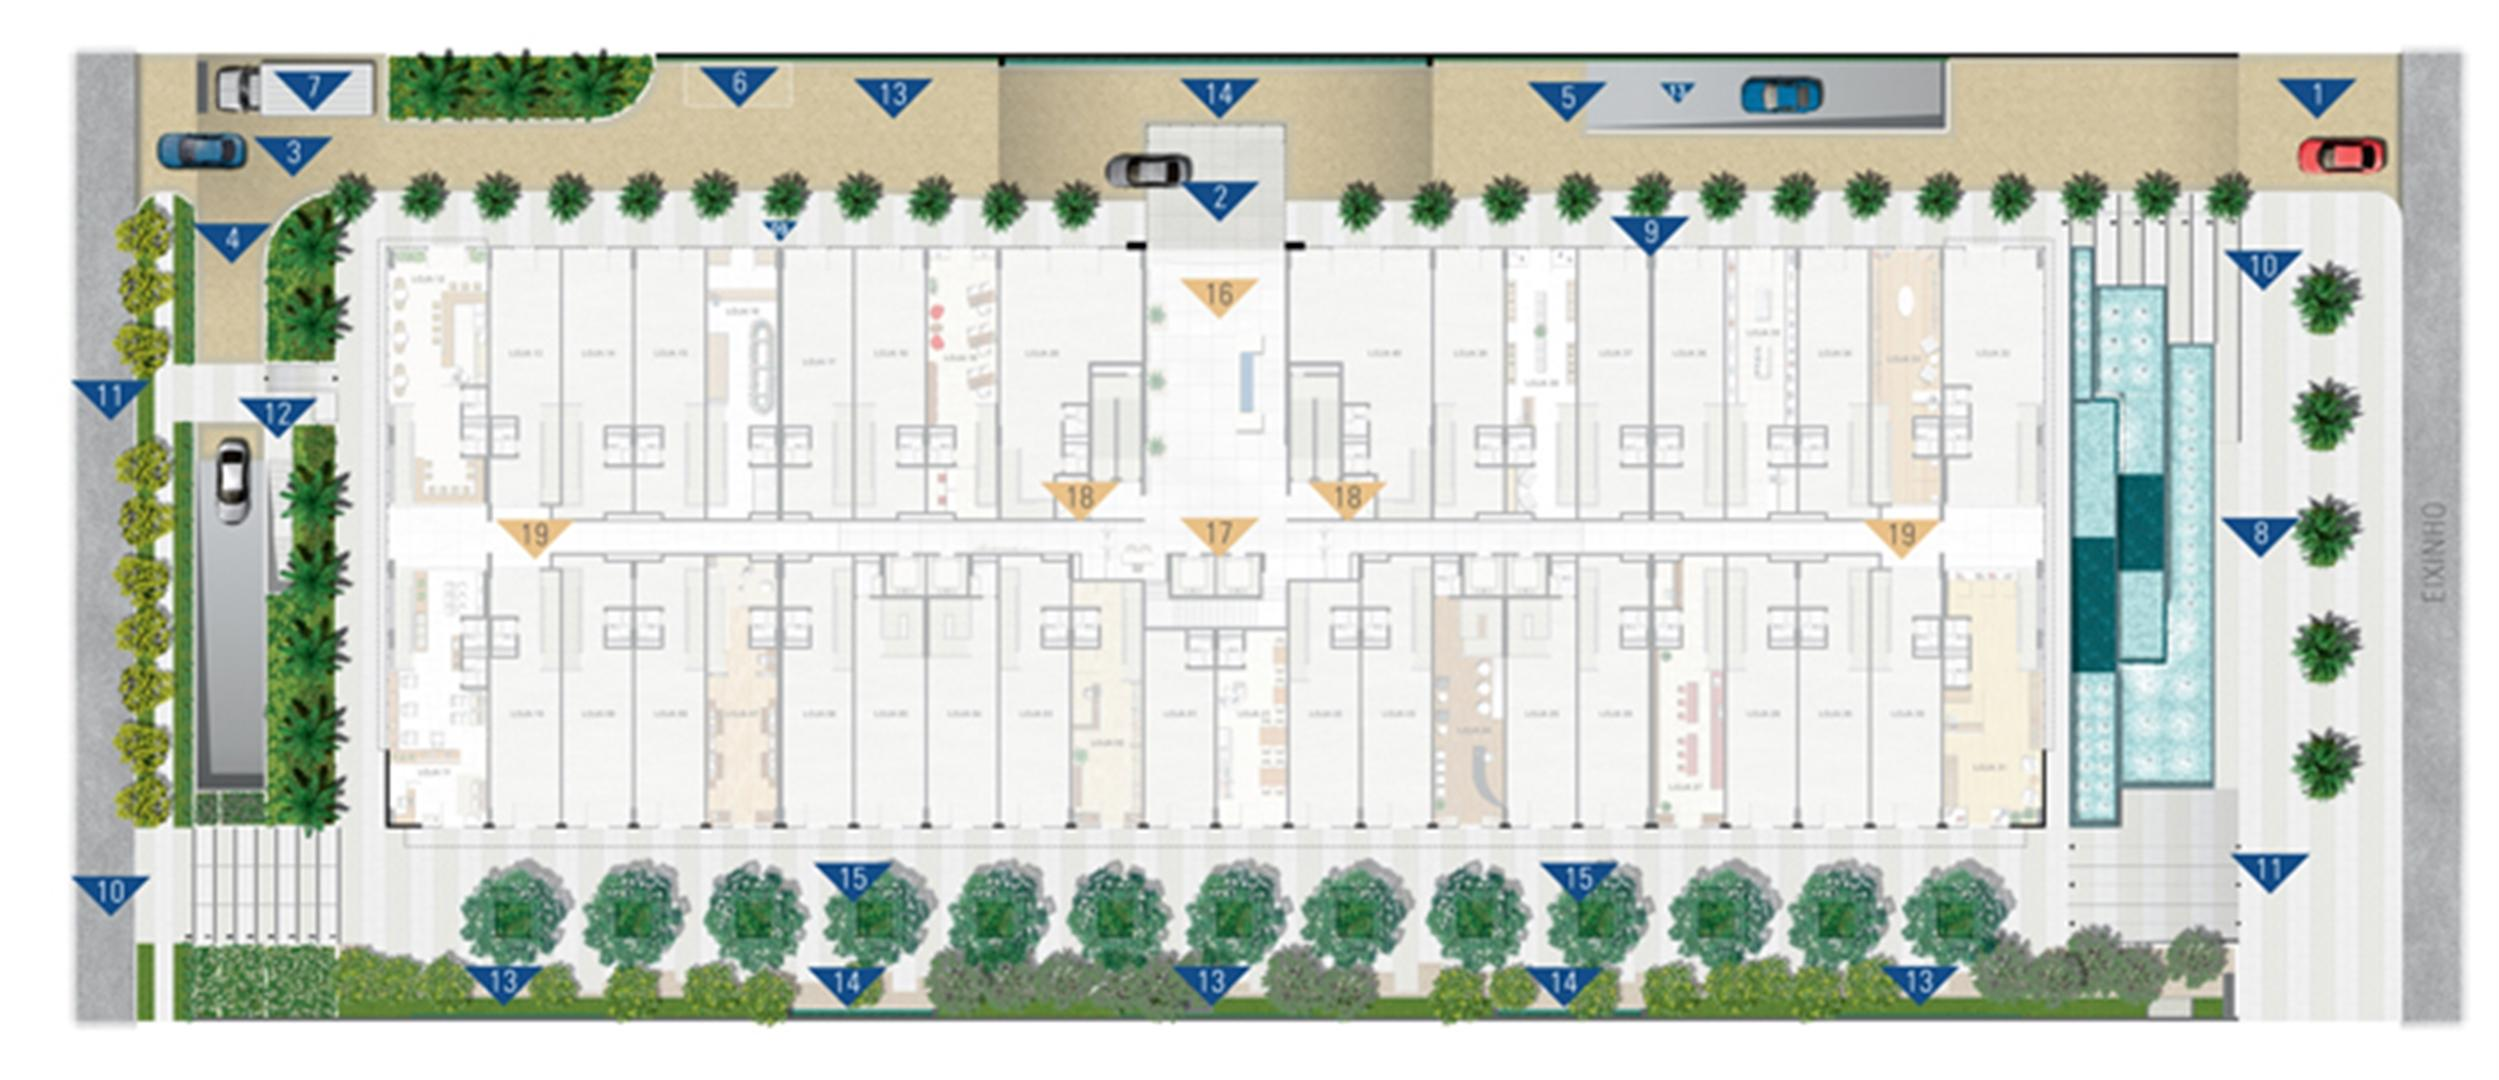 Implantação Geral  | Vega – Salas Comerciais na  Asa Norte  - Brasília - Distrito Federal